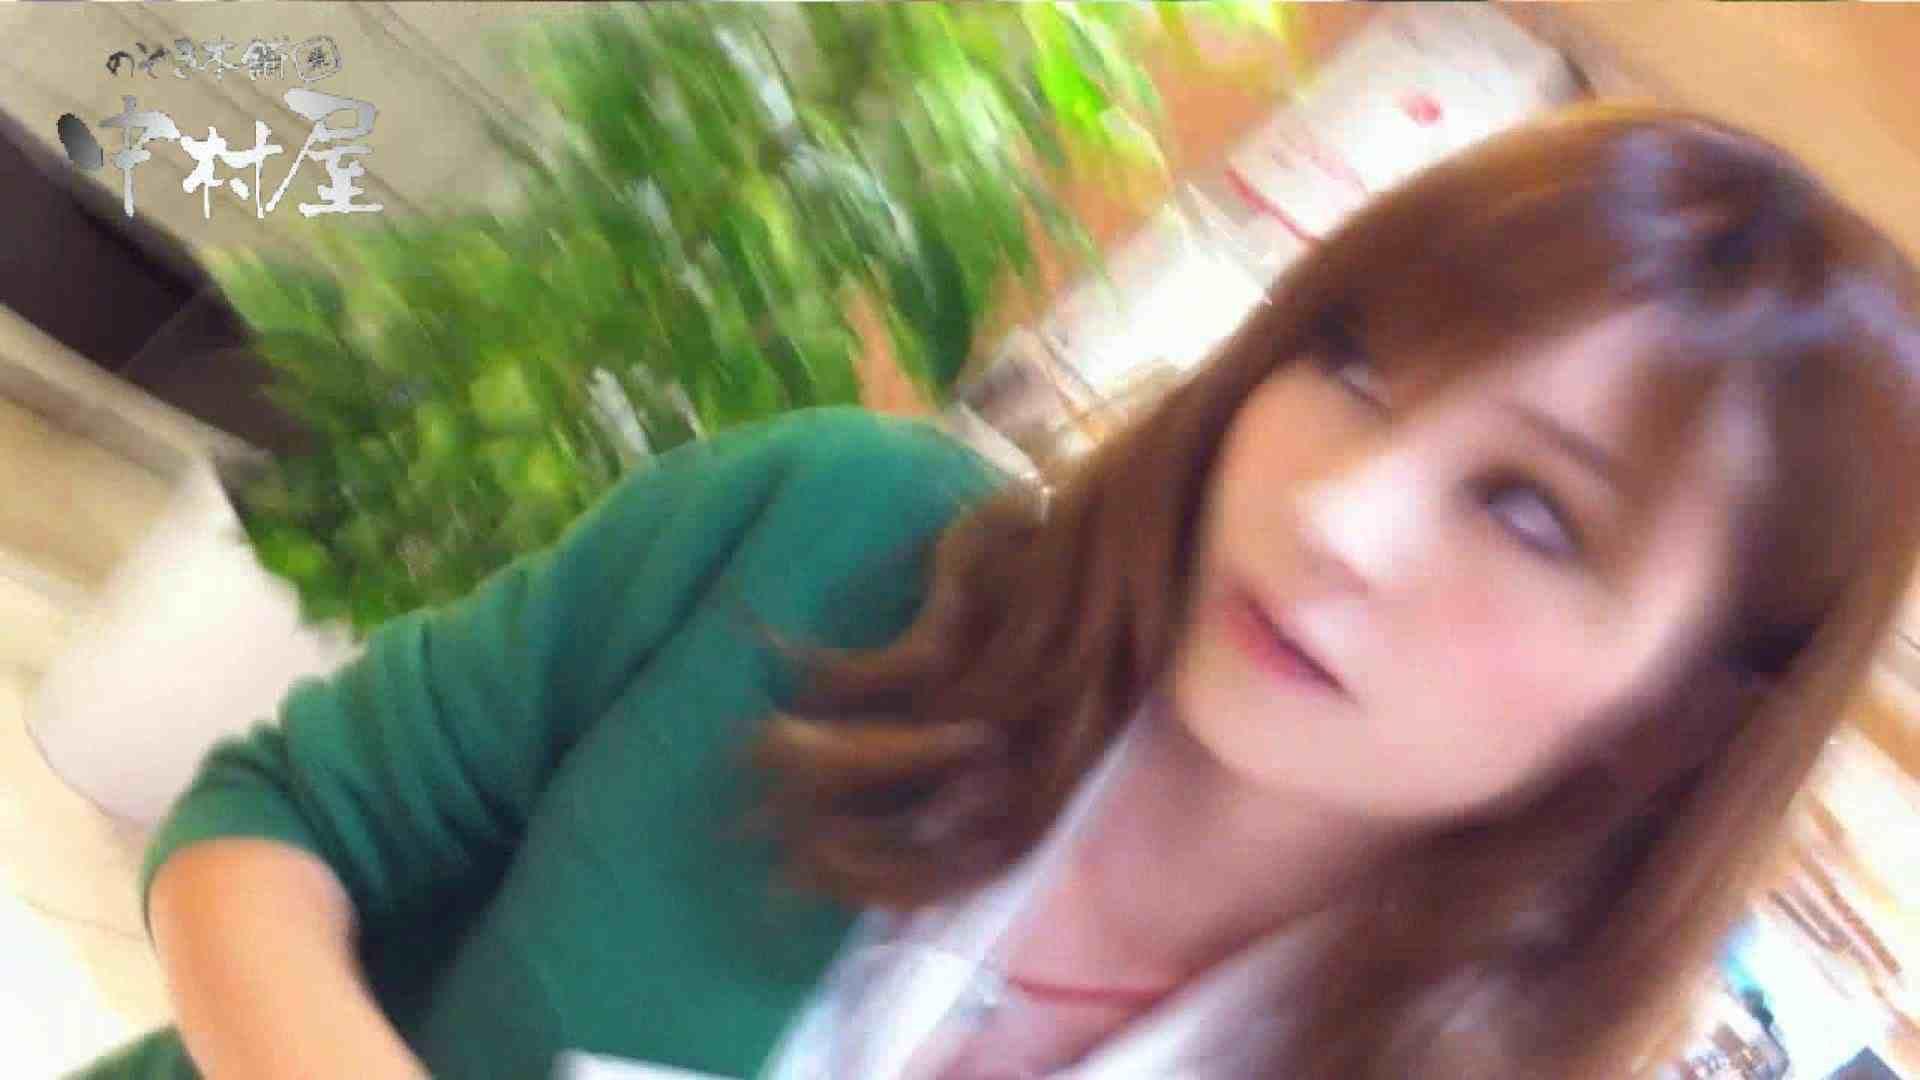 vol.48可愛いカリスマ店員胸チラ&パンチラ アニメ声の店員さん パンチラ SEX無修正画像 96連発 83